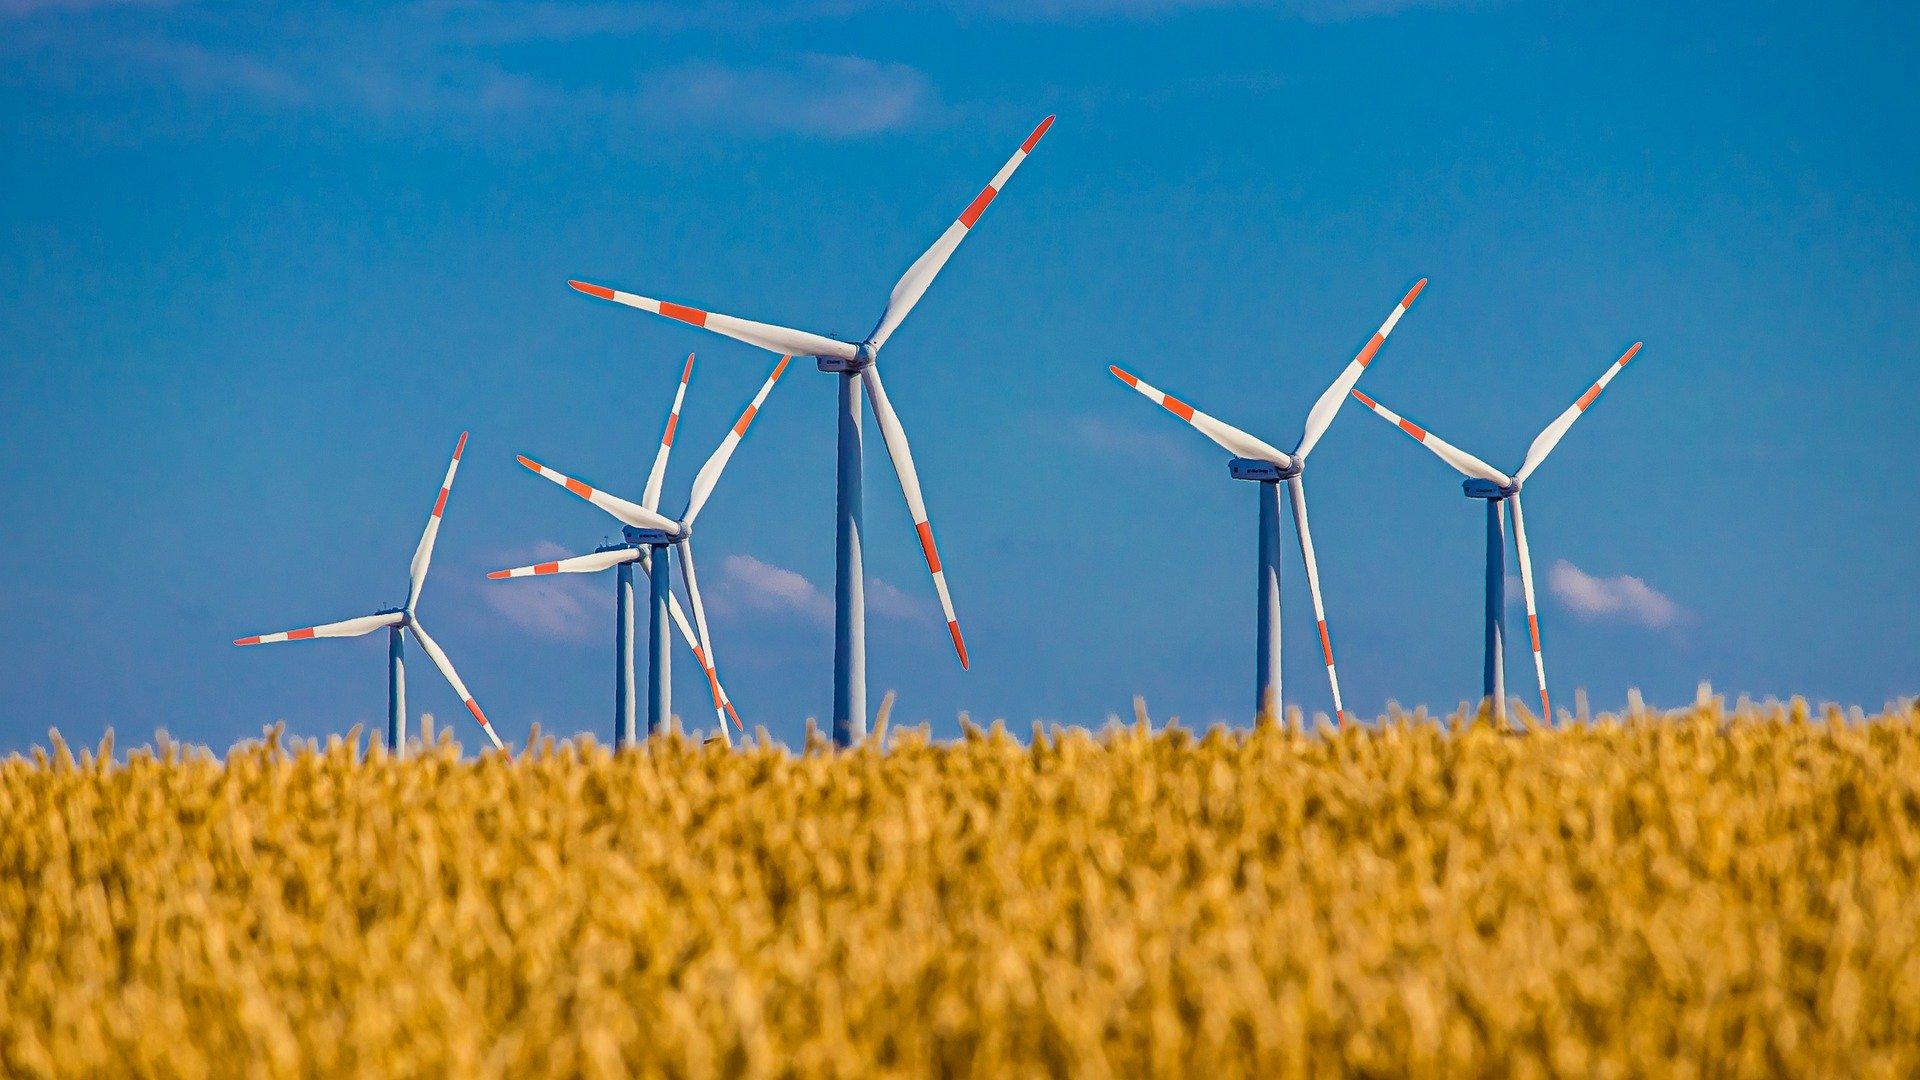 Windräder mit rot-gestreiften Flügel hinter einem Kornfeld